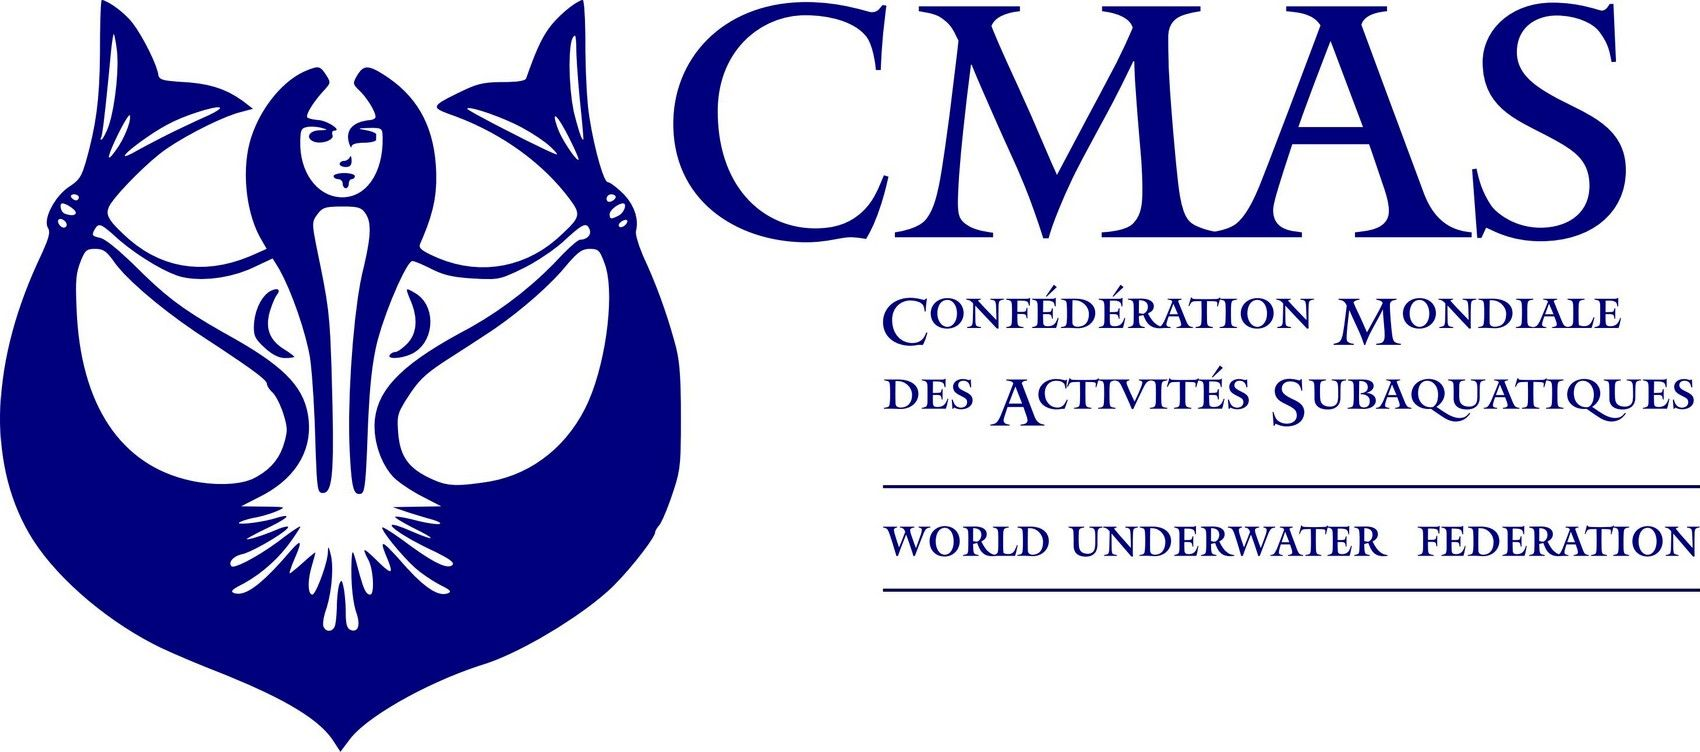 Confédération Mondiale des Activités Subaquatiques (CMAS